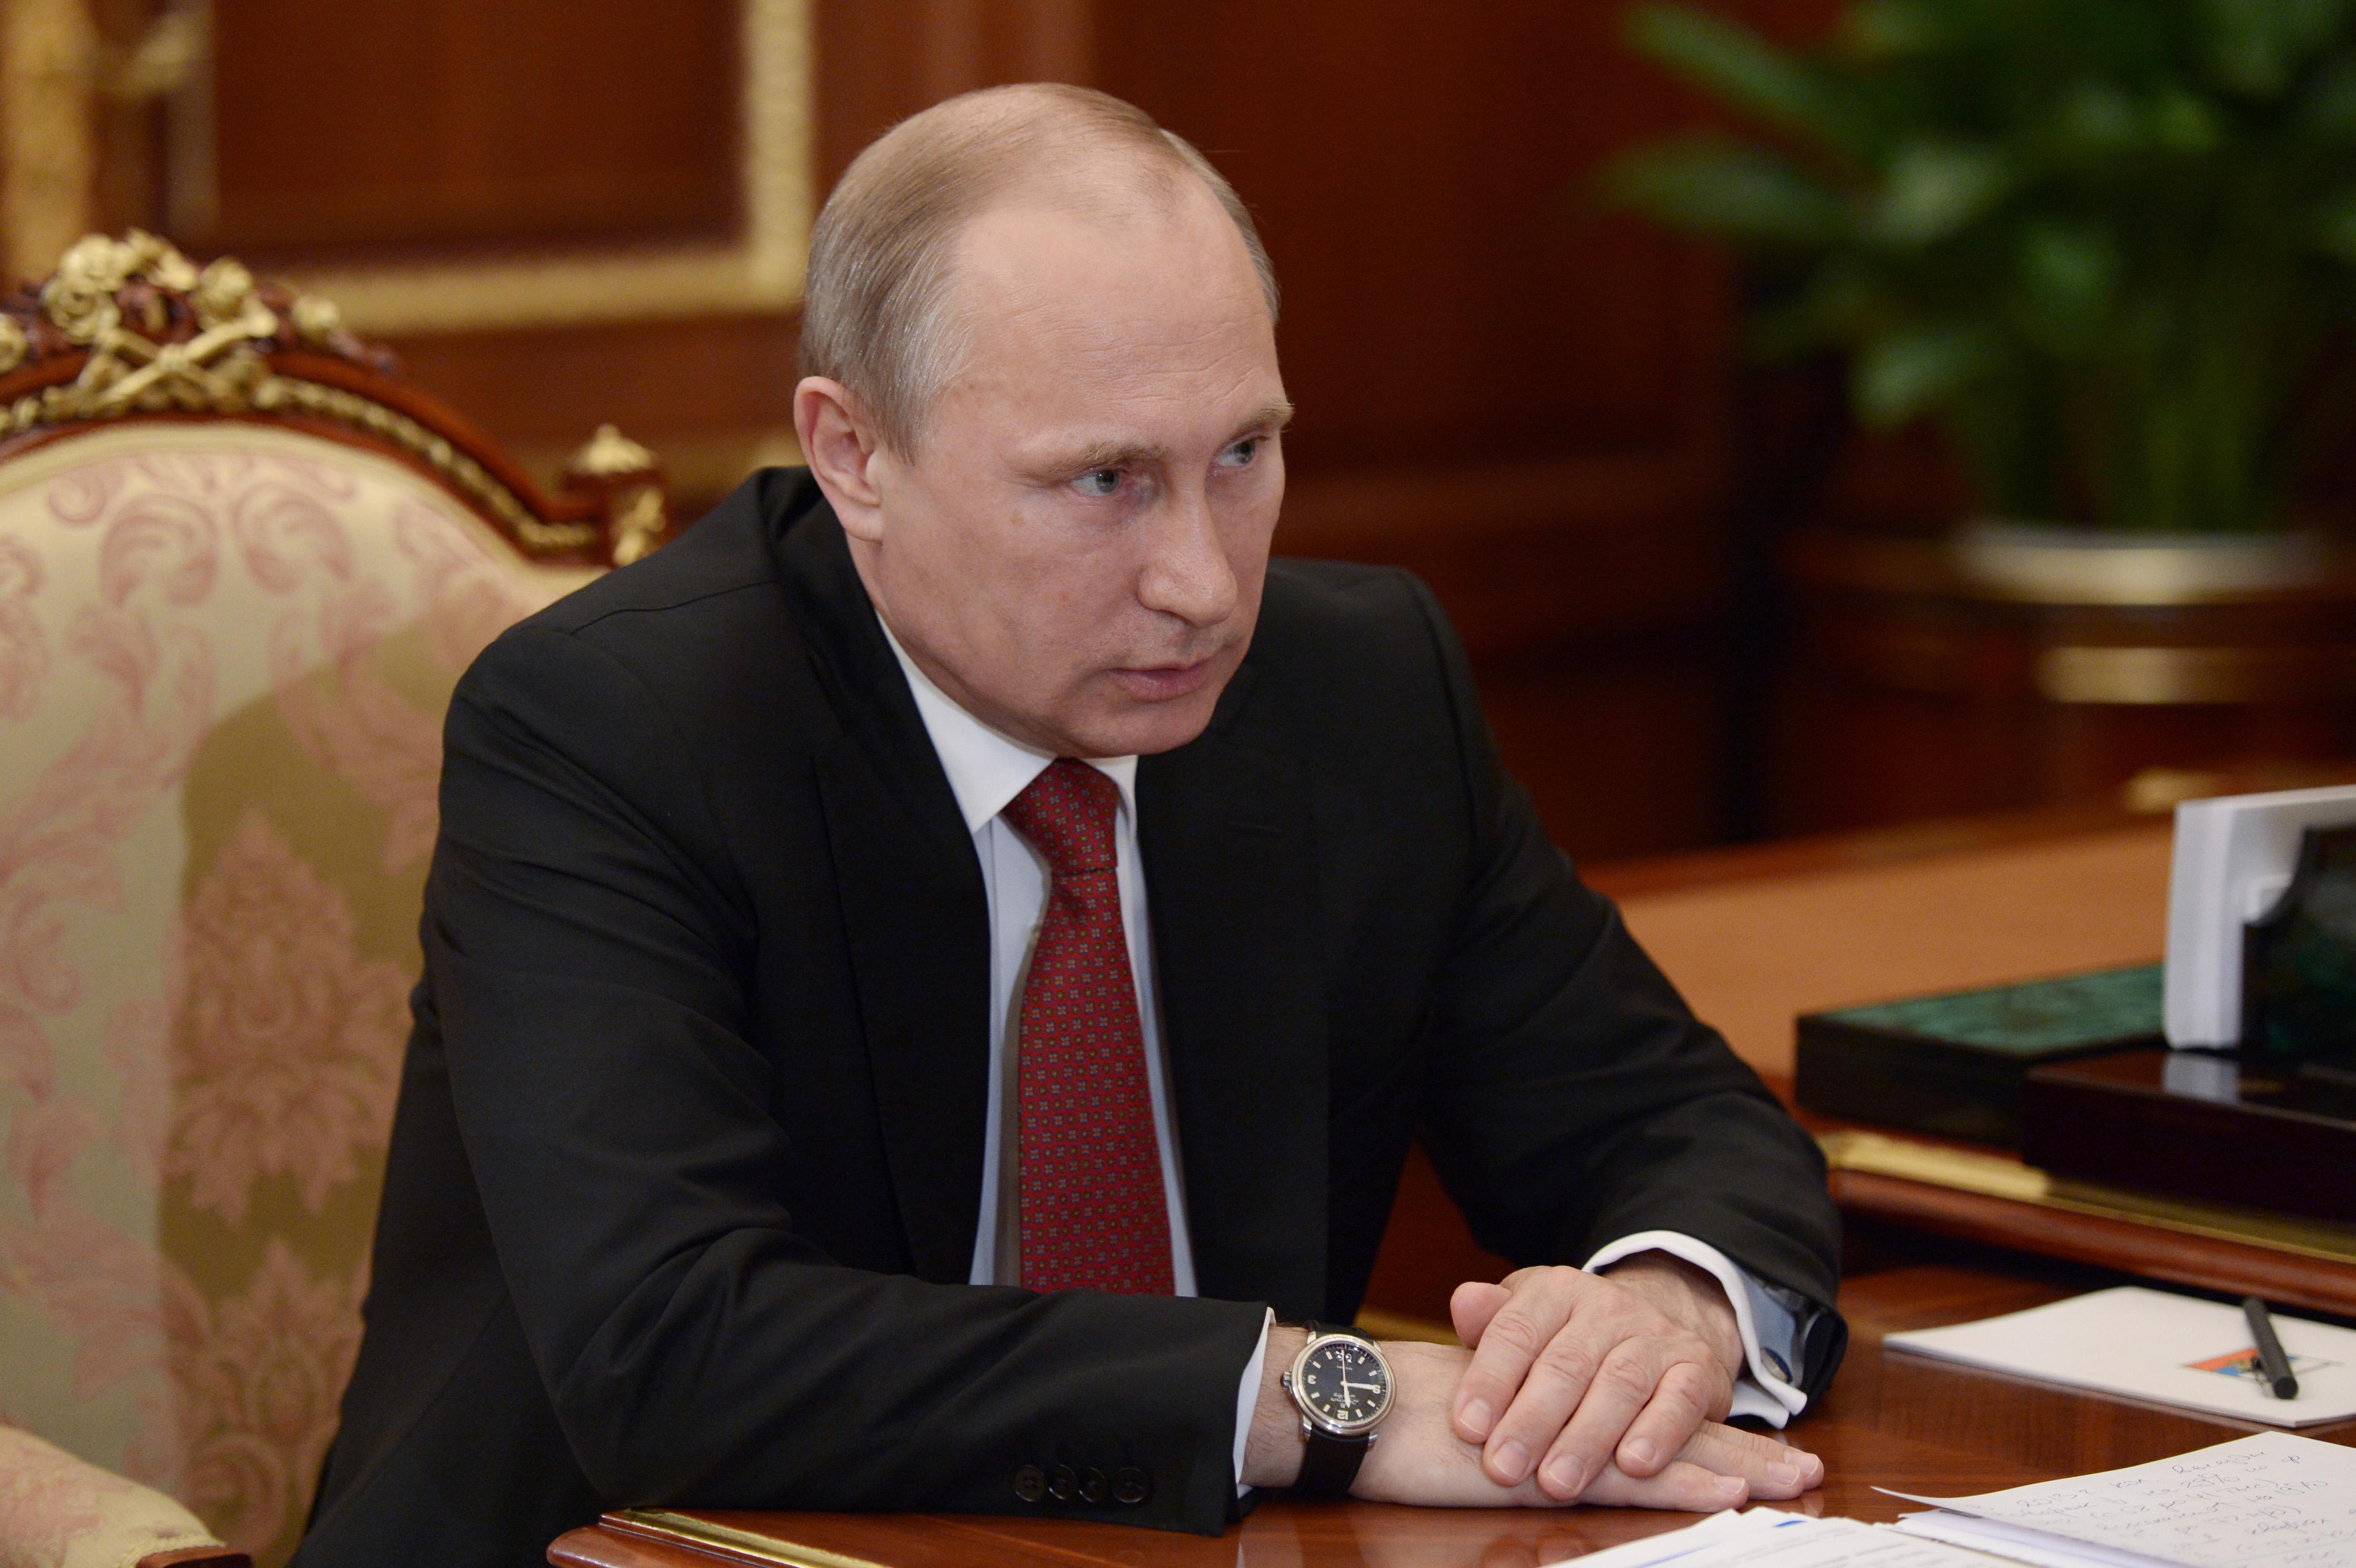 Владимир Путин во время встречи с руководителем ФНС России Михаилом Мишустиным